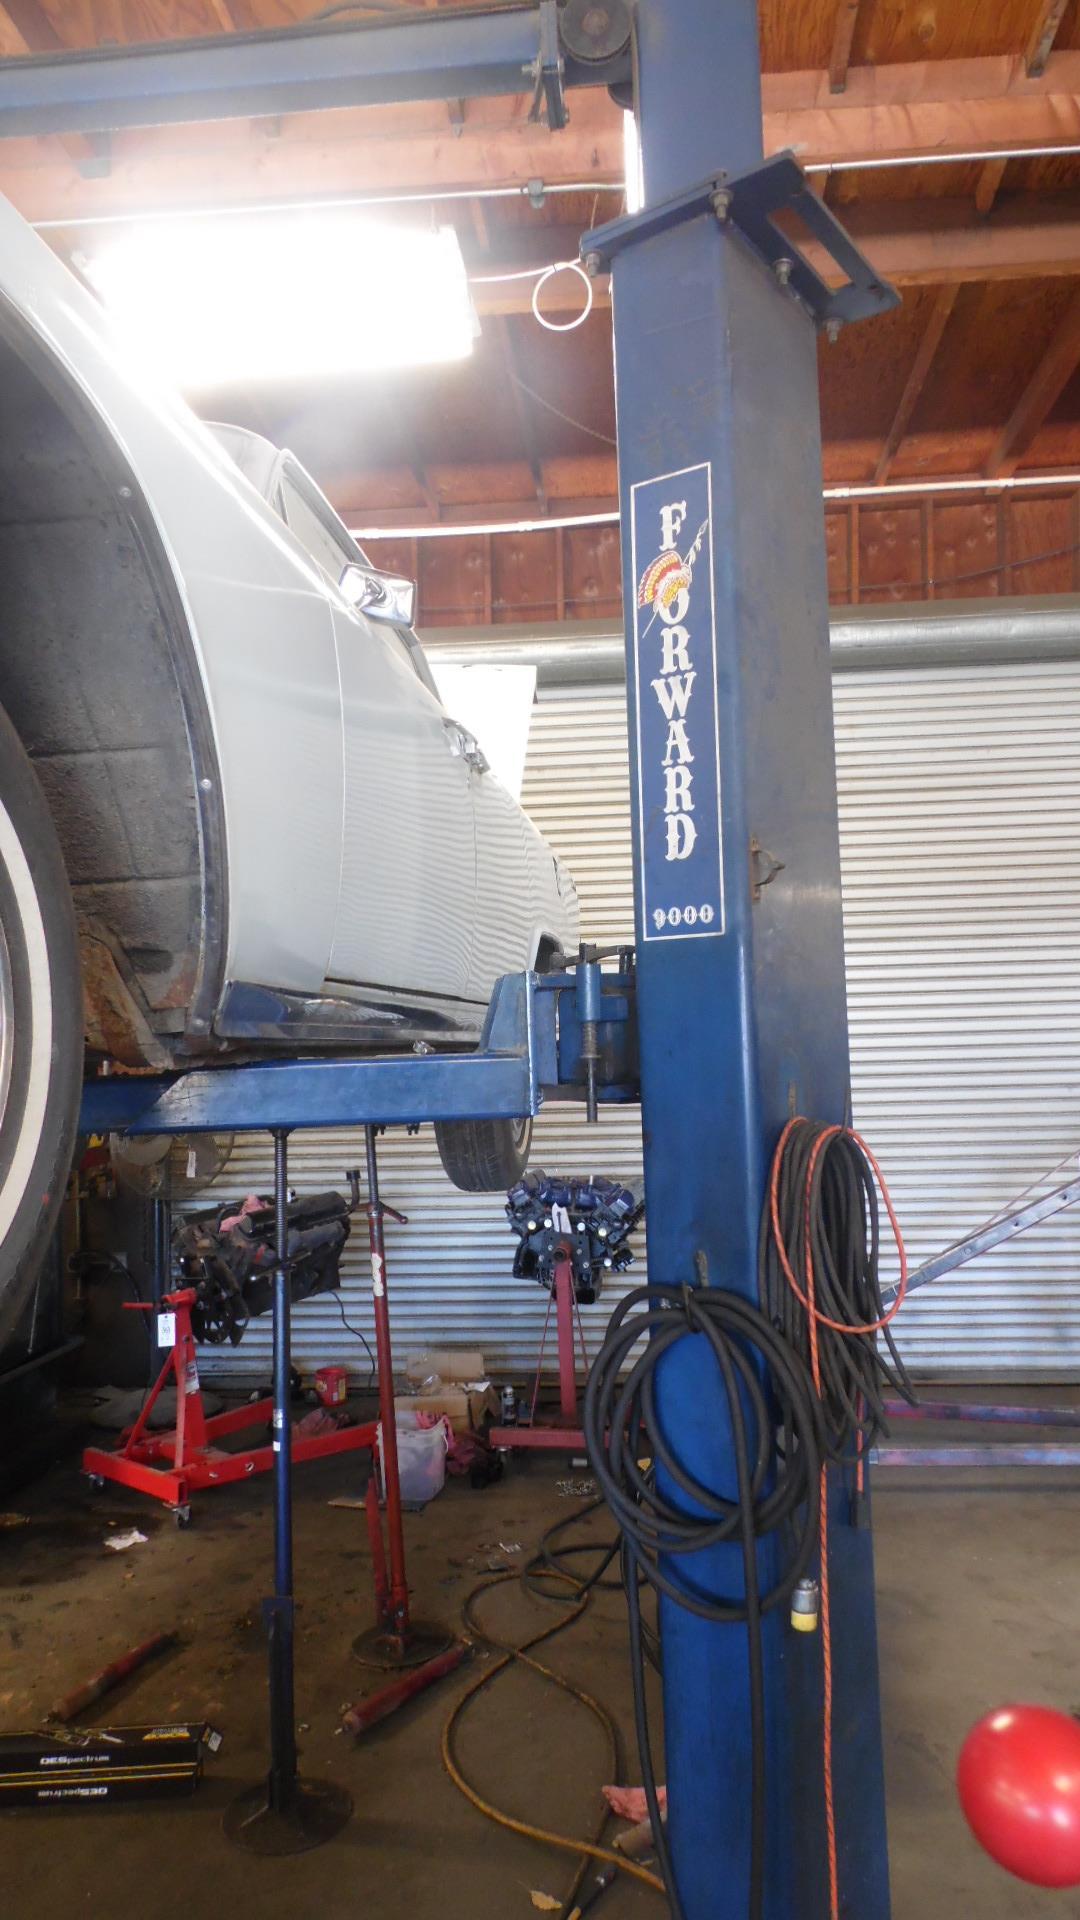 FORWARD 9000 CAR LIFT MODEL 9000A - Image 2 of 3